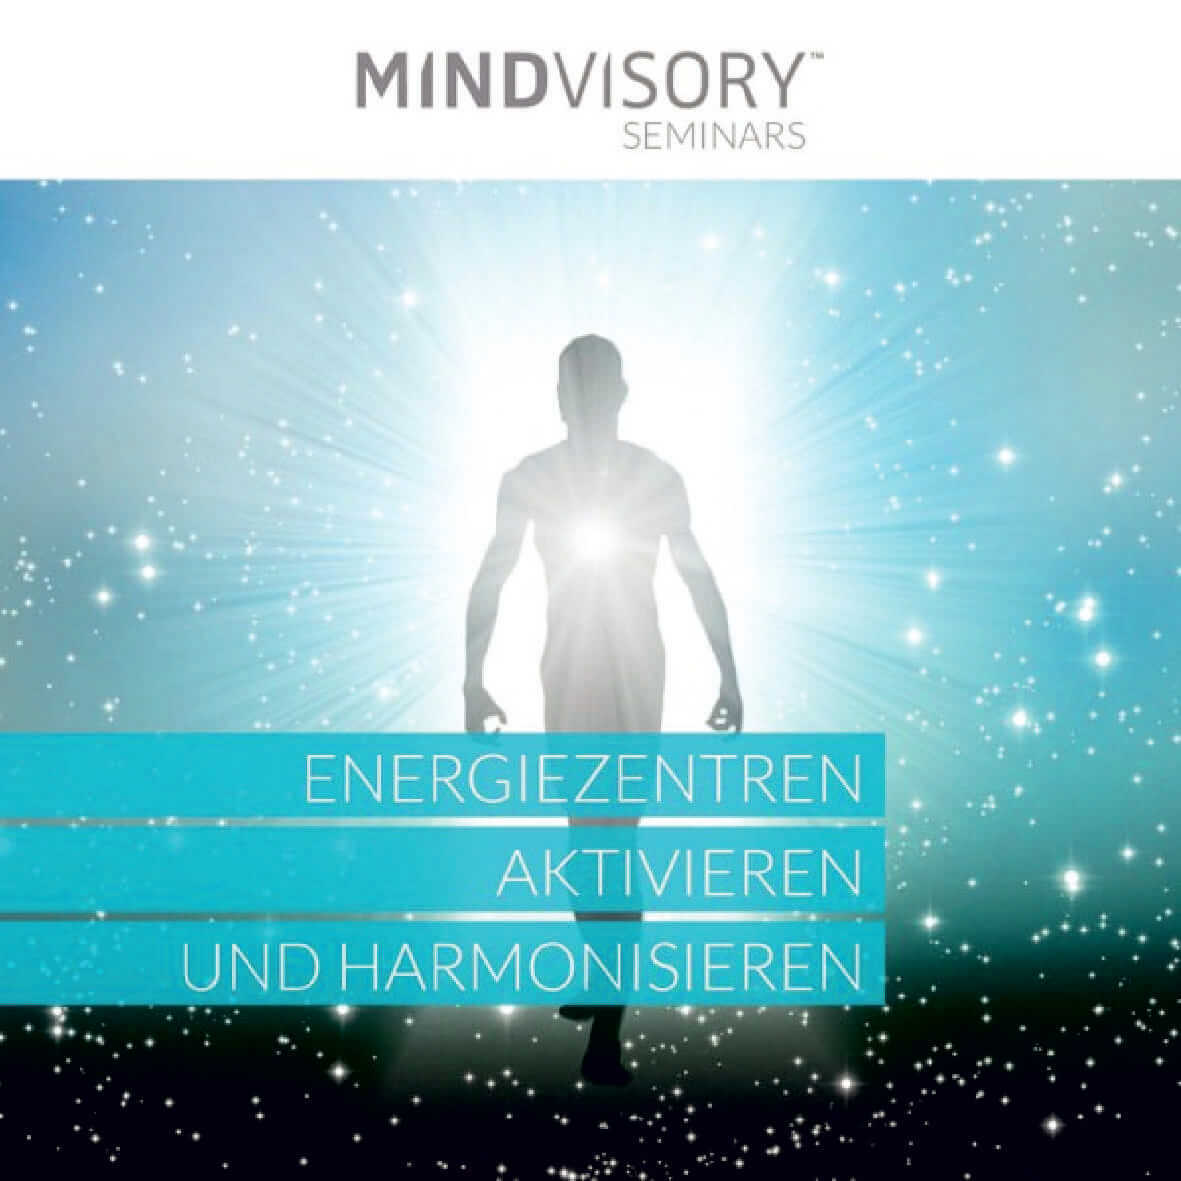 Mit diesem Audiotraining deine Energiezentren aktivieren und harmonisieren